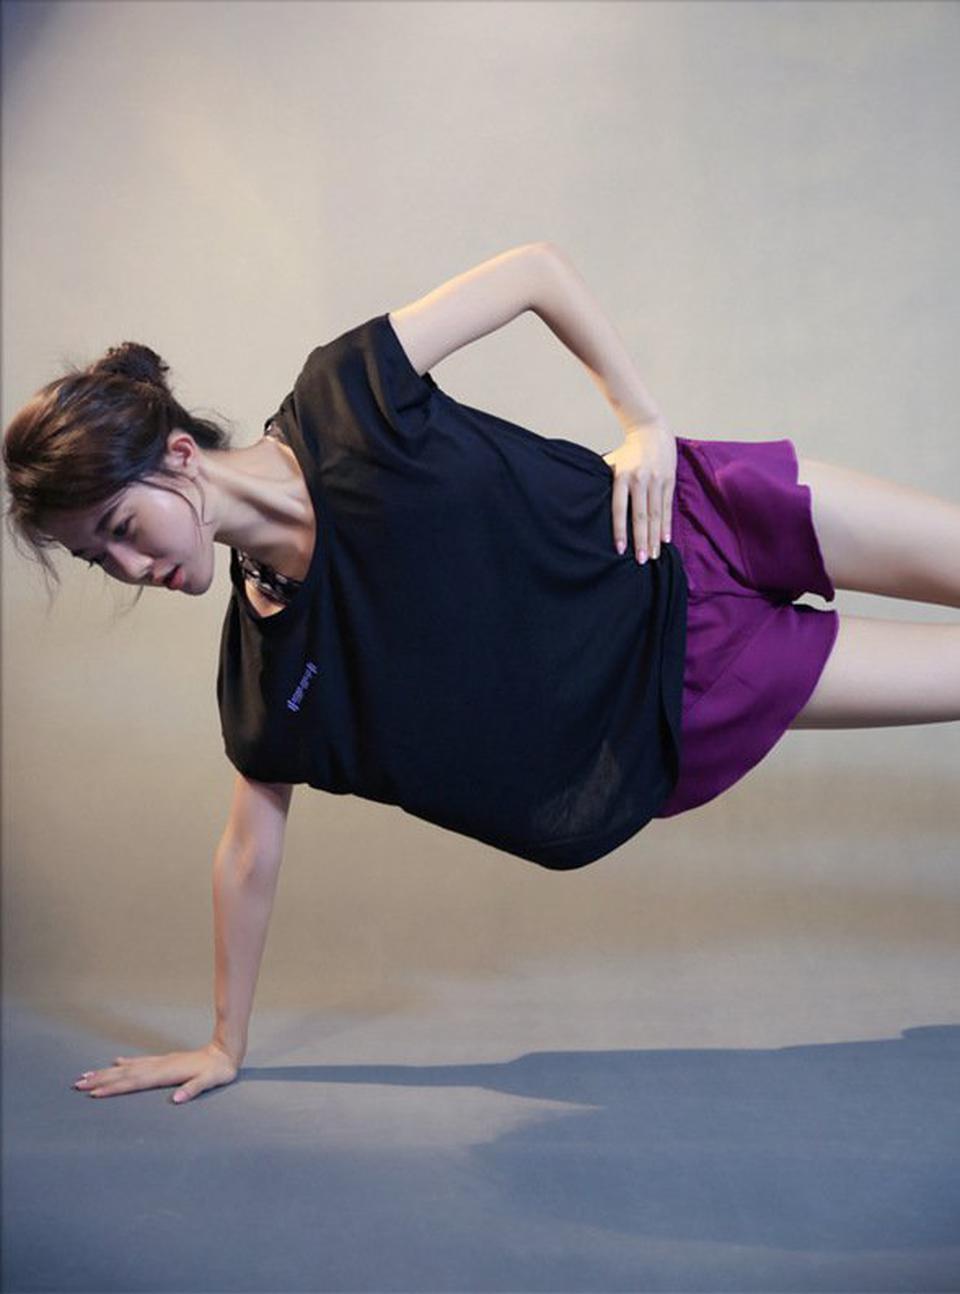 ชุดออกกำลังกายผู้หญิง เสื้อกีฬาผู้หญิง ใส่สบาย ระบายความร้อนได้ดี (สีดำ) รูปที่ 5